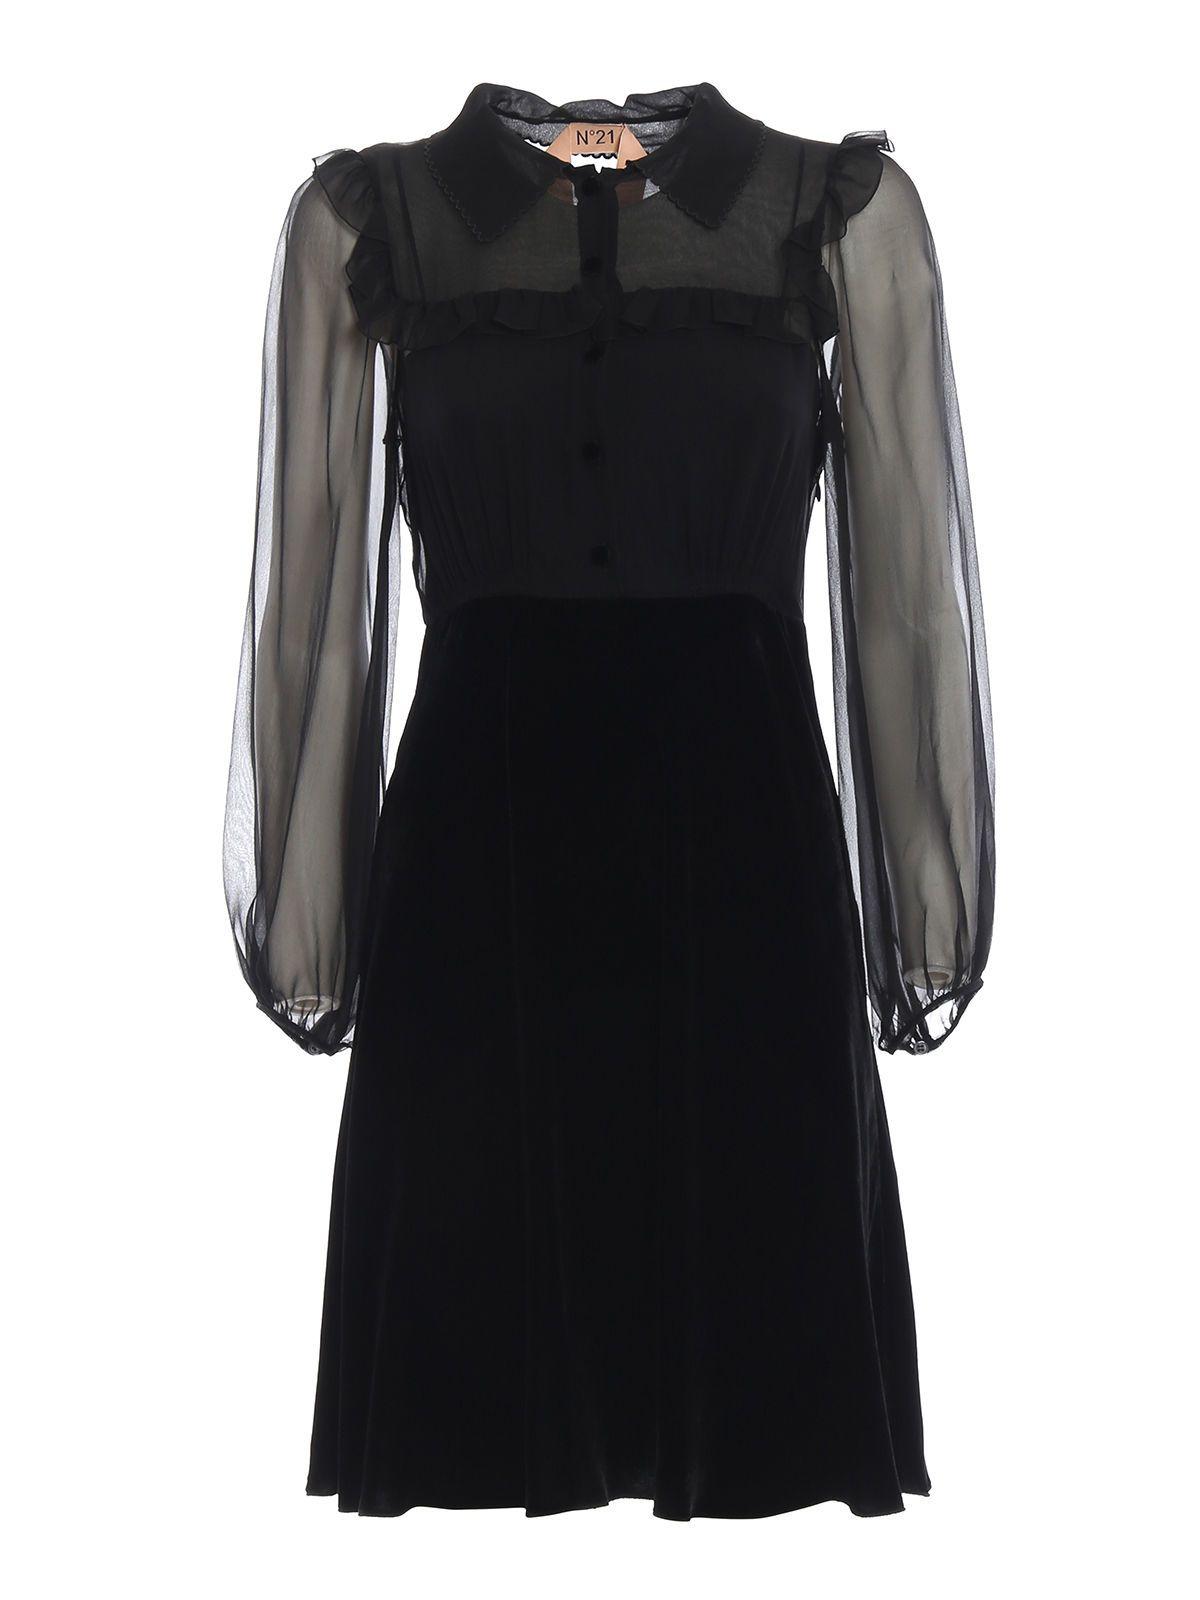 CHIFFON-PANELED DRESS